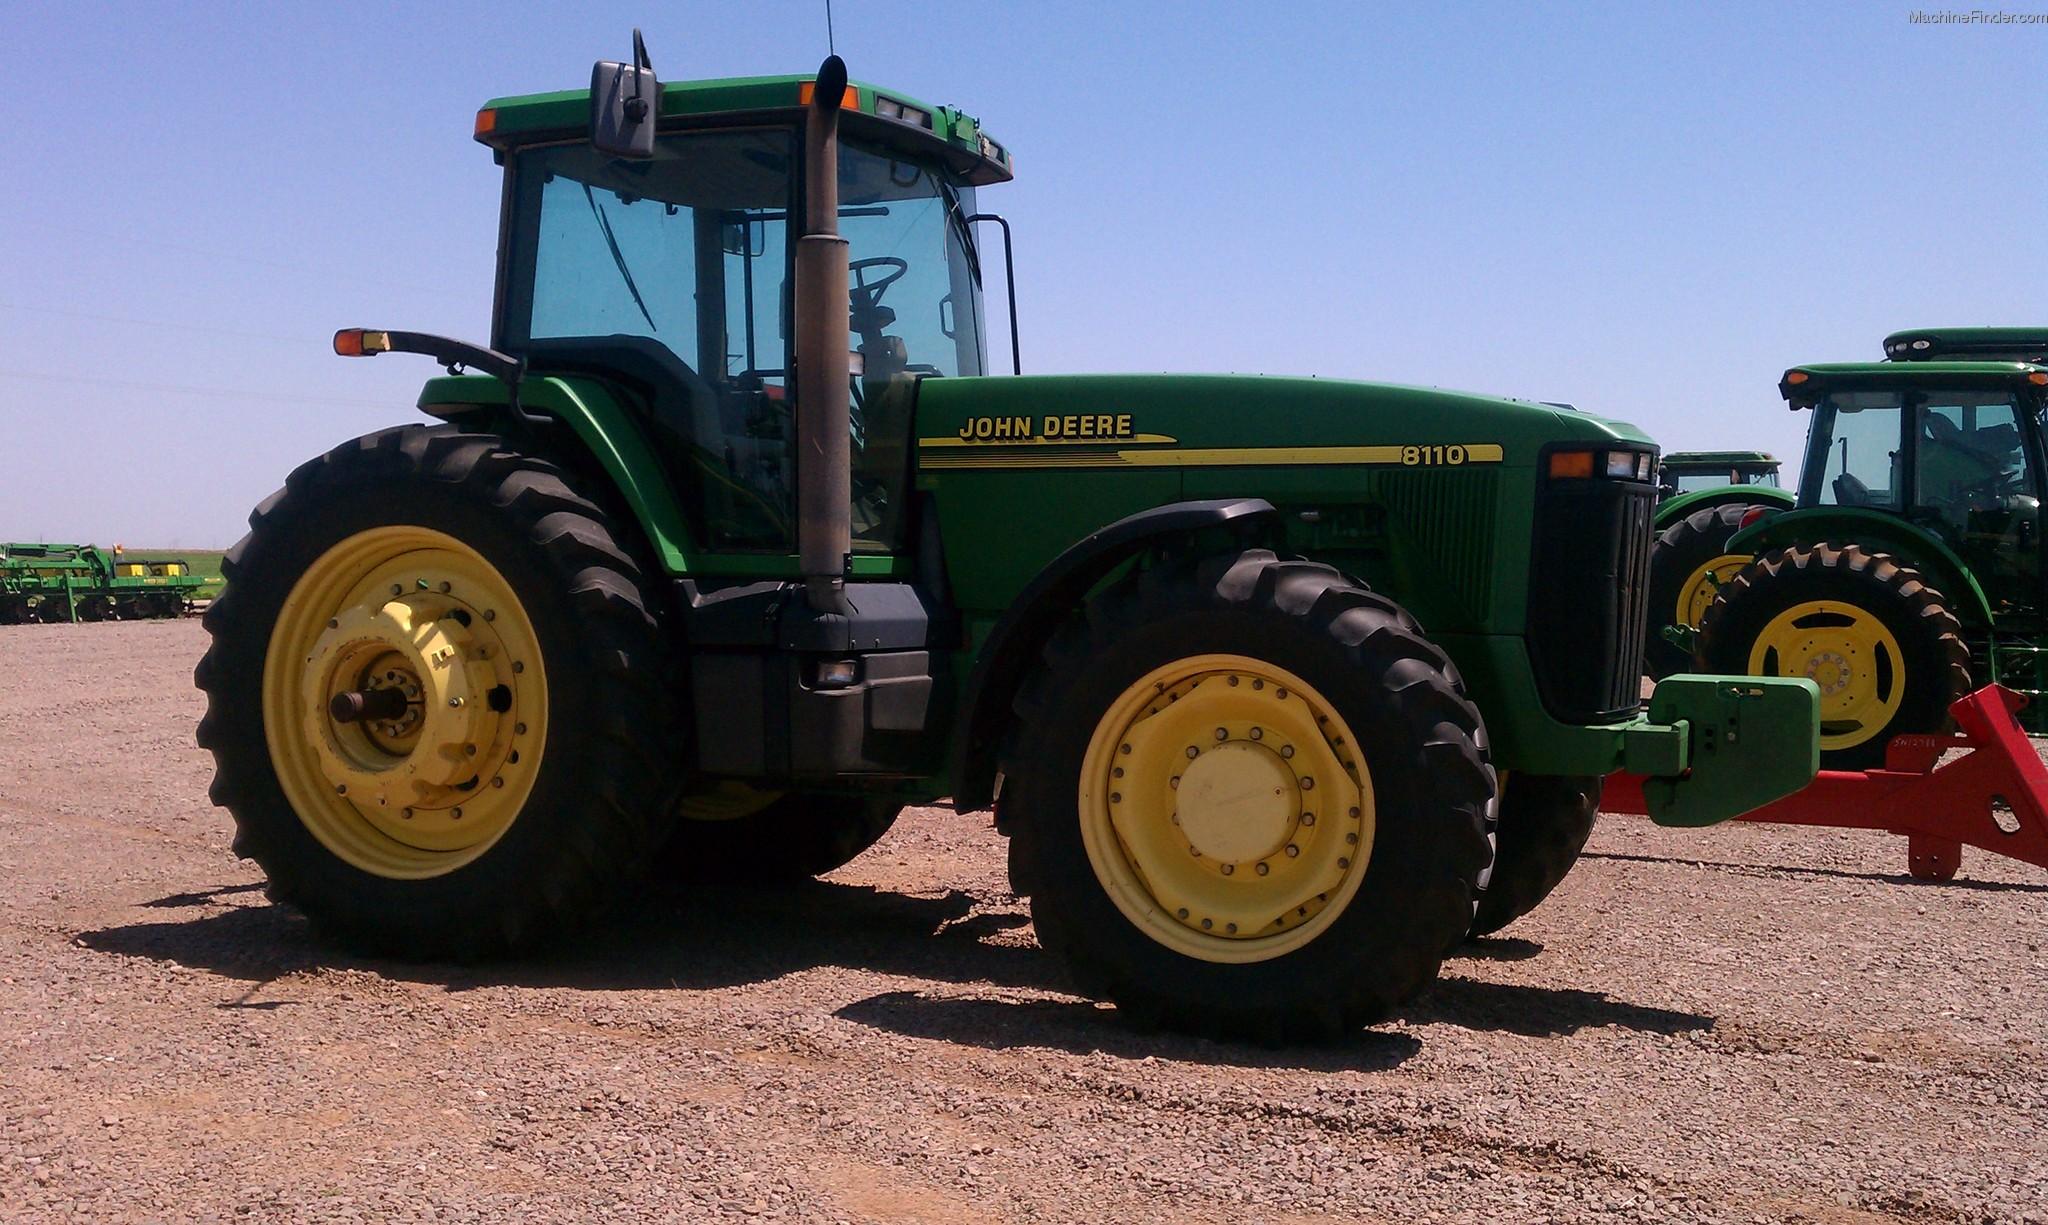 2008 John Deere 8110 Tractors - Row Crop (+100hp) - John ...